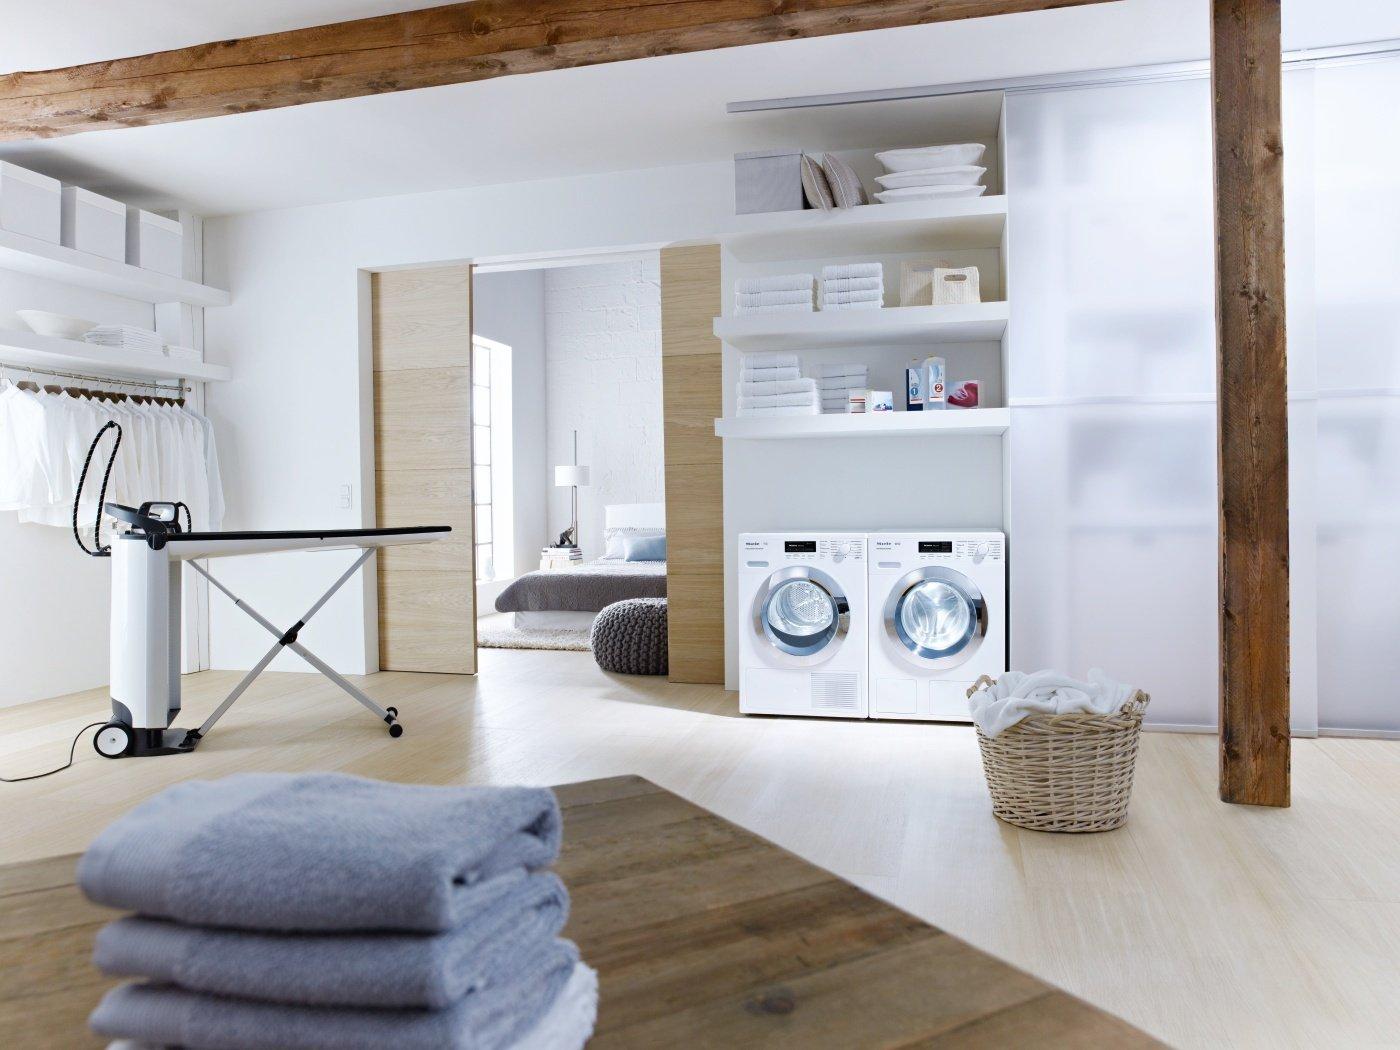 Seidel-Miele-Hannover-Waschen-Trocknen-Bügeln-Haushalt